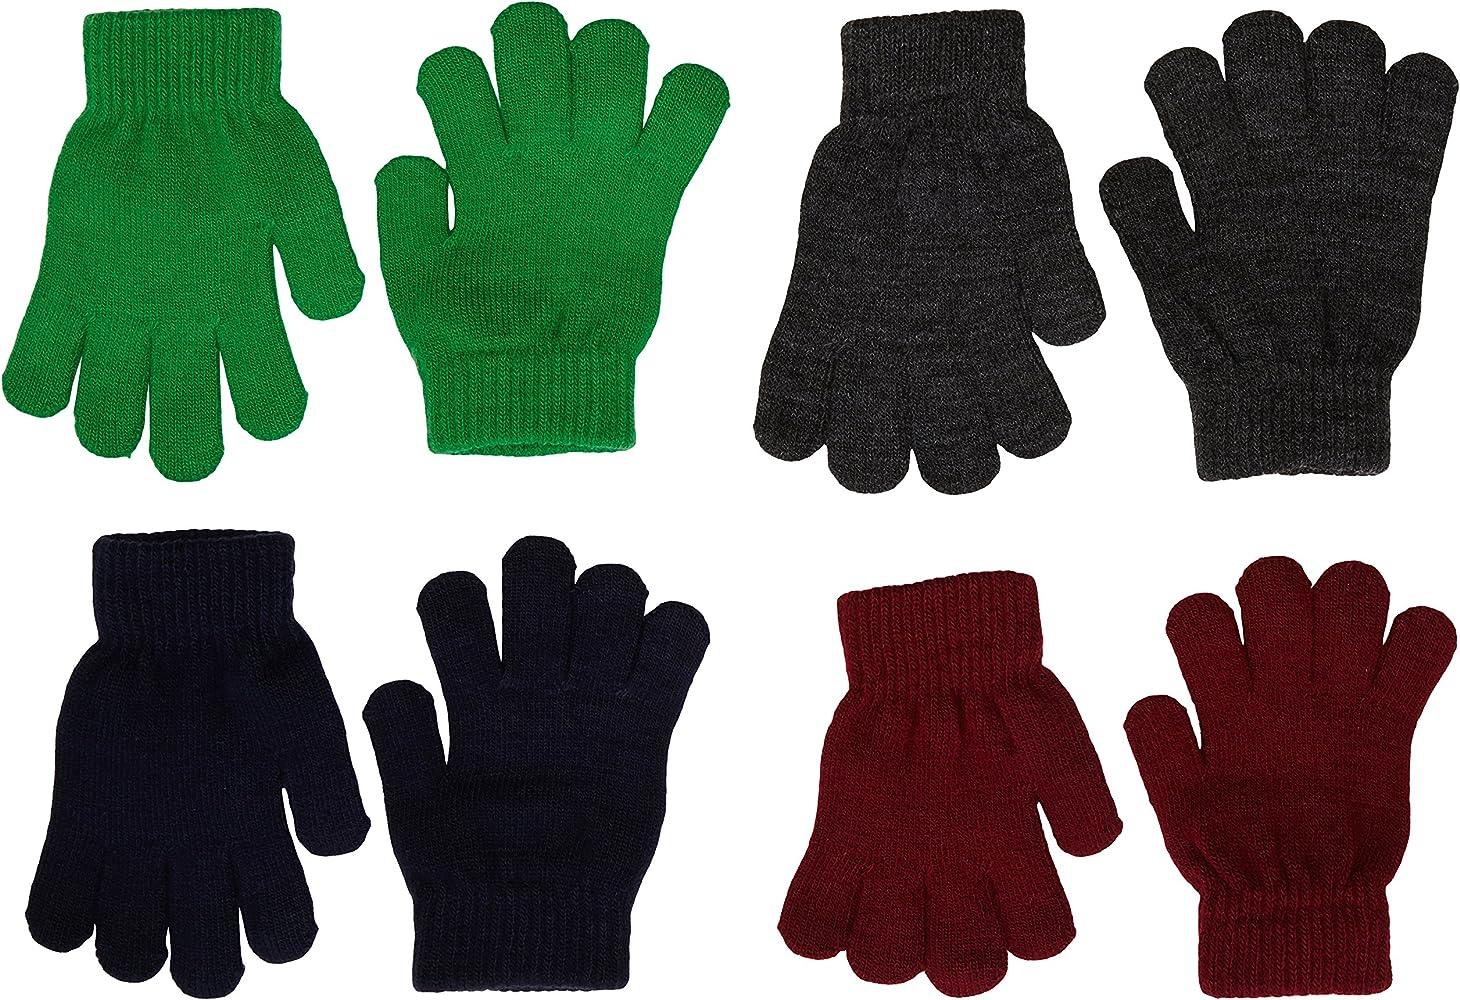 Primark - Guantes, 4 Pack, (Verde/Negro/Burdeos/Gris), 2-8 años: Amazon.es: Ropa y accesorios